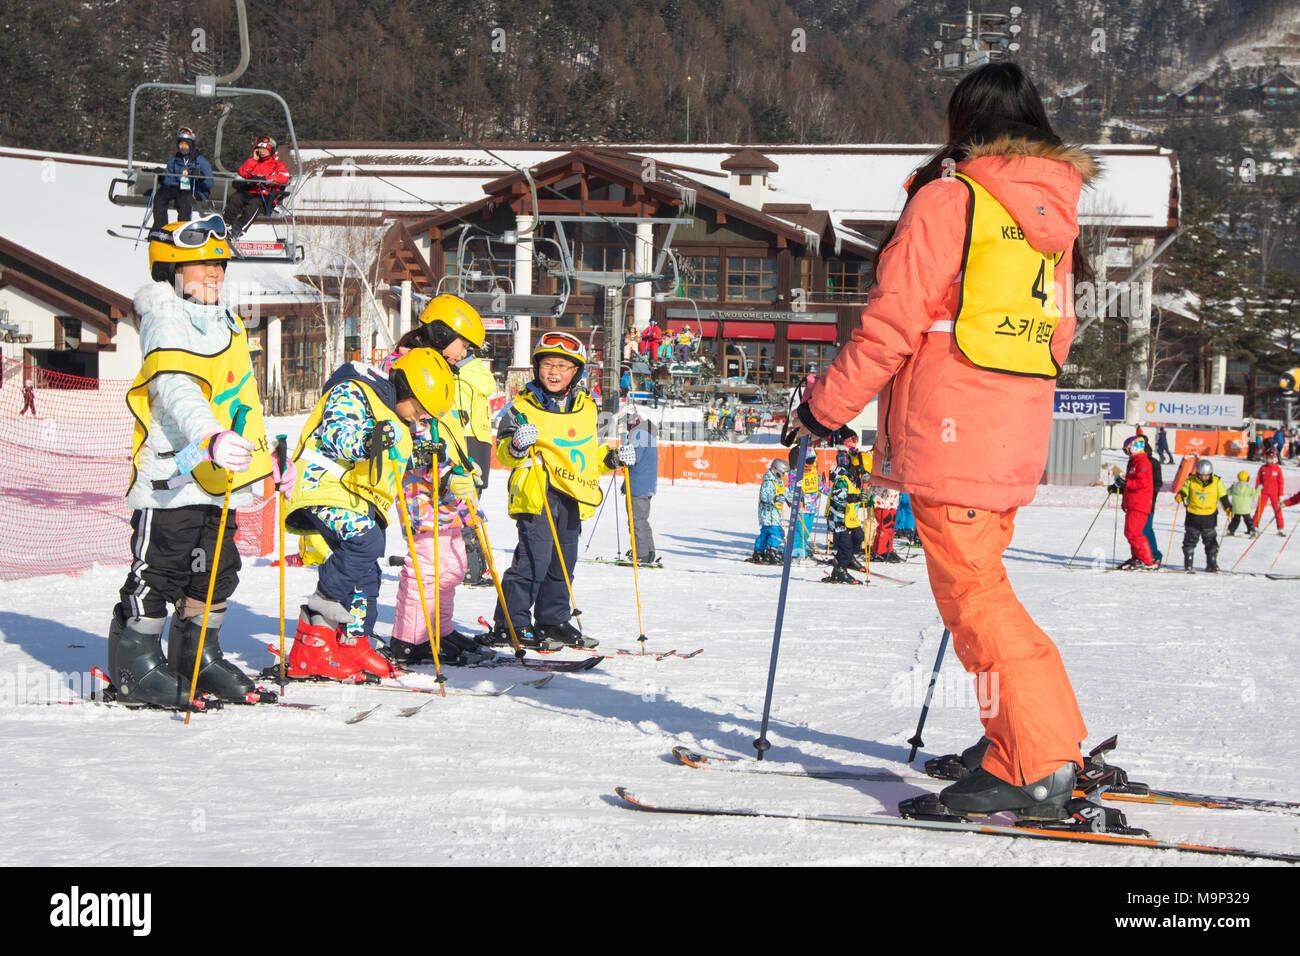 Un professeur de ski et d'un groupe d'enfants d'Asie à un lapin pente de Yongpyong. Yongpyong (Dragon Valley) Ski Resort est une station de ski en Corée du Sud, situé dans la région de Daegwallyeong-myeon, Pyeongchang, Gangwon-do. C'est la plus grande station de ski et snowboard en Corée. Technique de Yongpyong accueillera les épreuves de ski alpin pour les Jeux olympiques et paralympiques d'hiver de 2018 à Pyeongchang. Certaines scènes de la Korean Broadcasting System 2002 drama Winter Sonata ont été tournées dans la station. Photo Stock